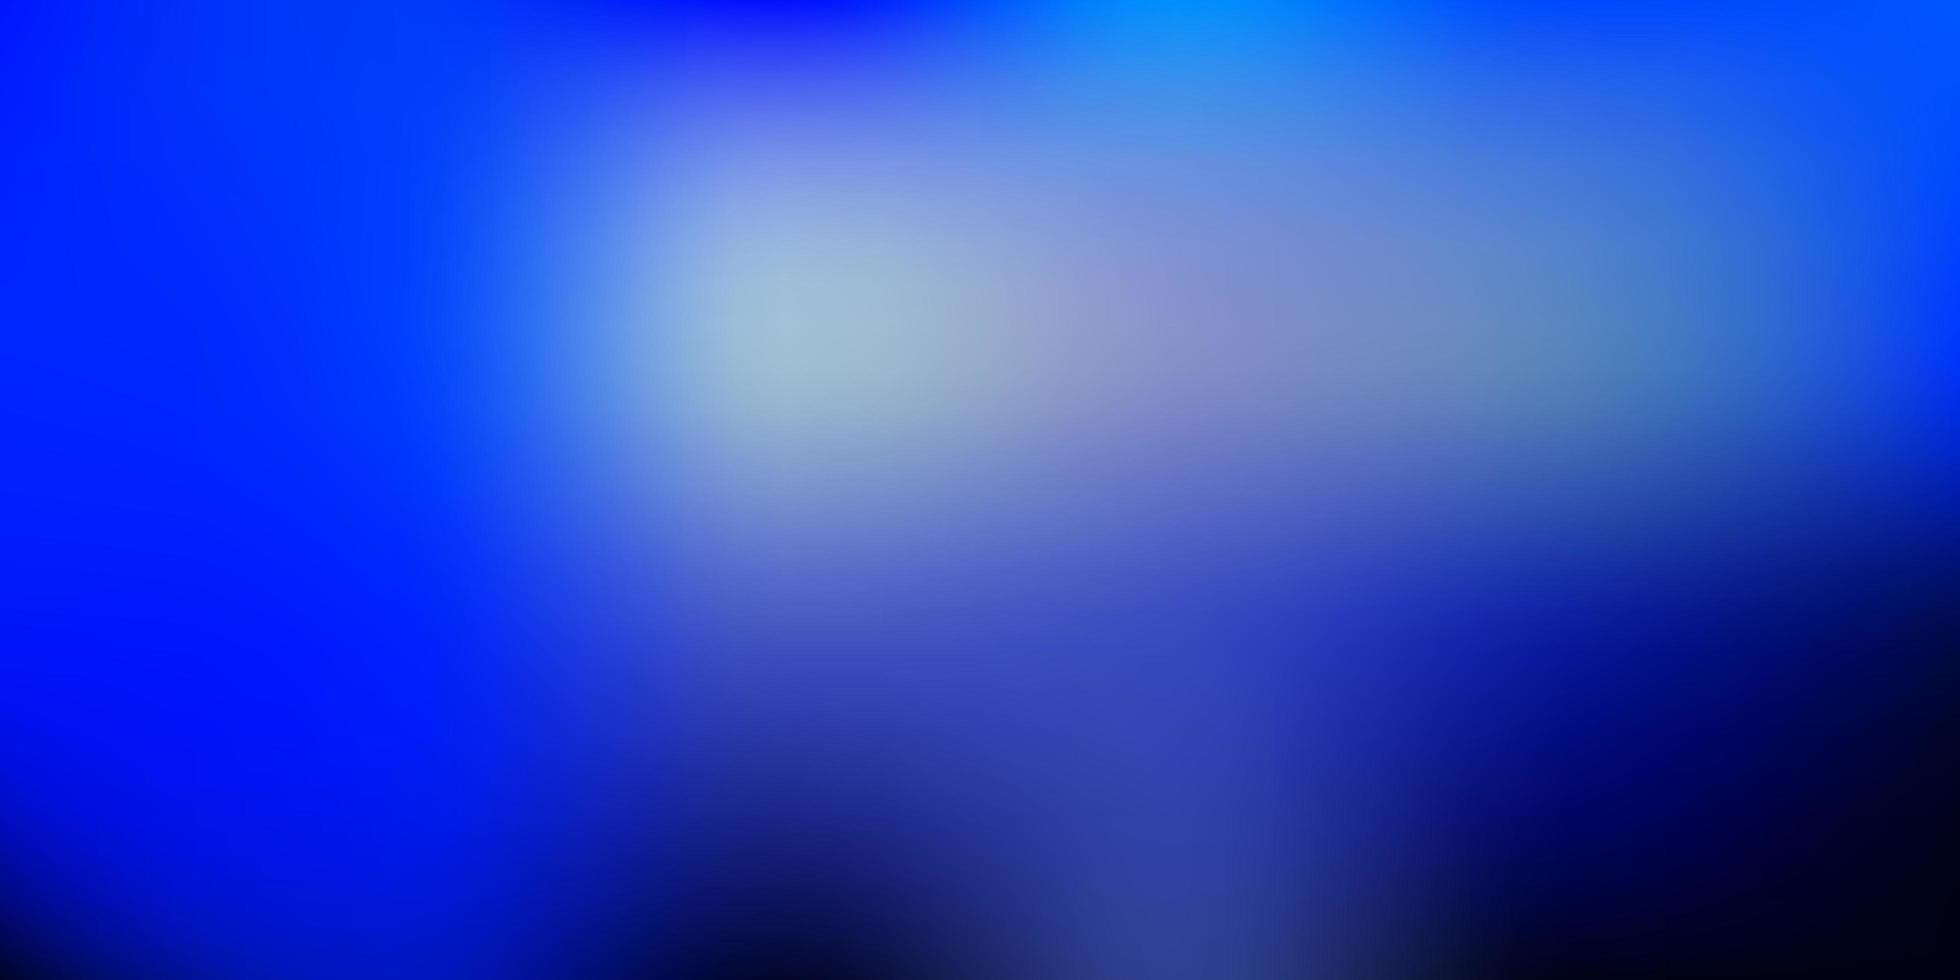 vettore blu scuro sfondo sfocato.